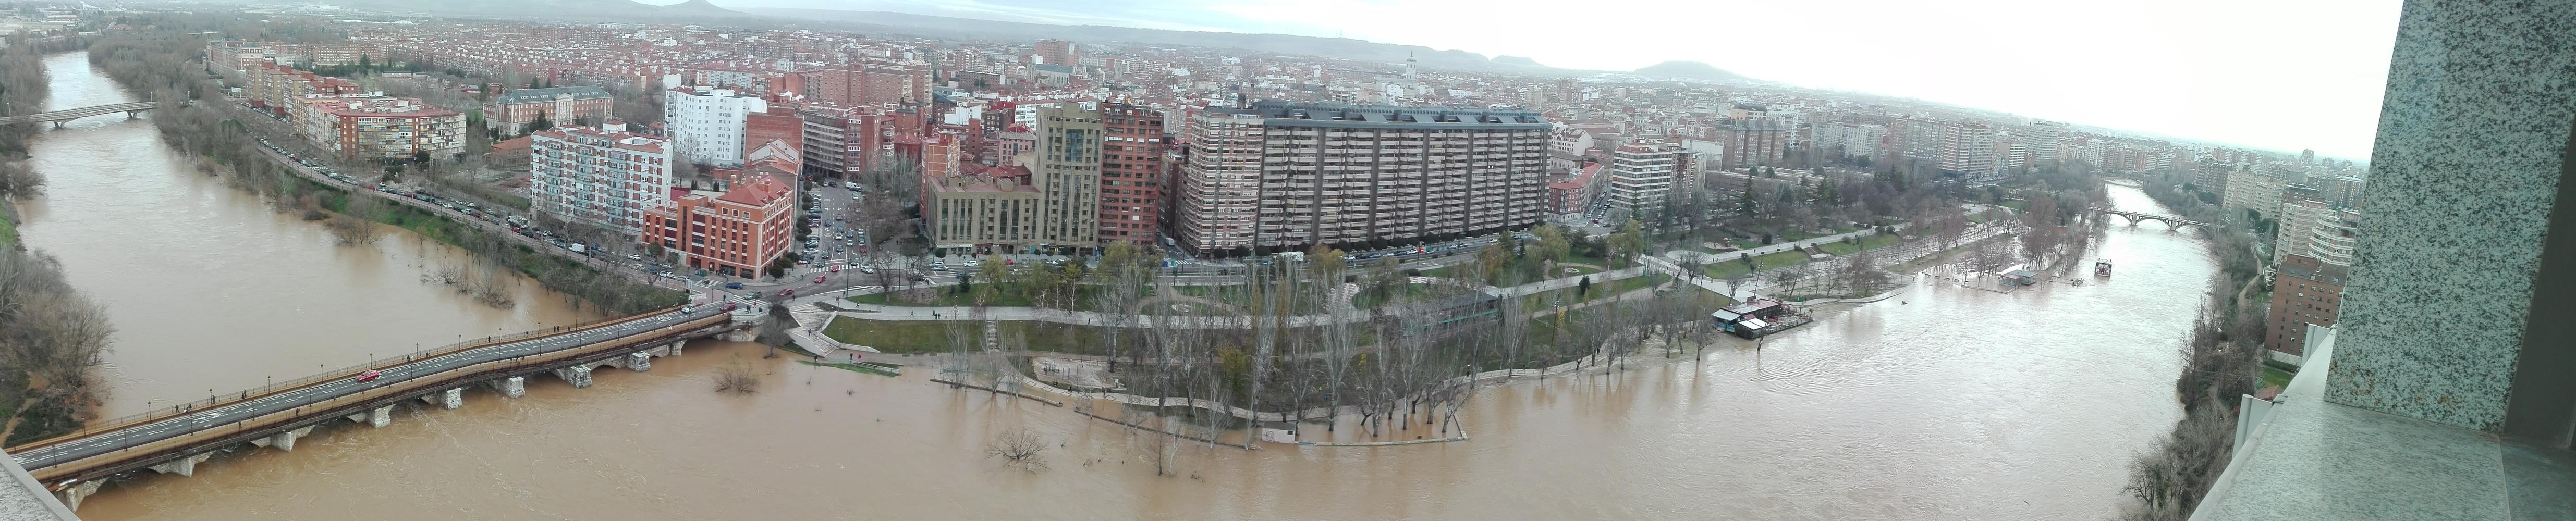 El Pisuerga sigue desbordado pero el caudal ya está bajando